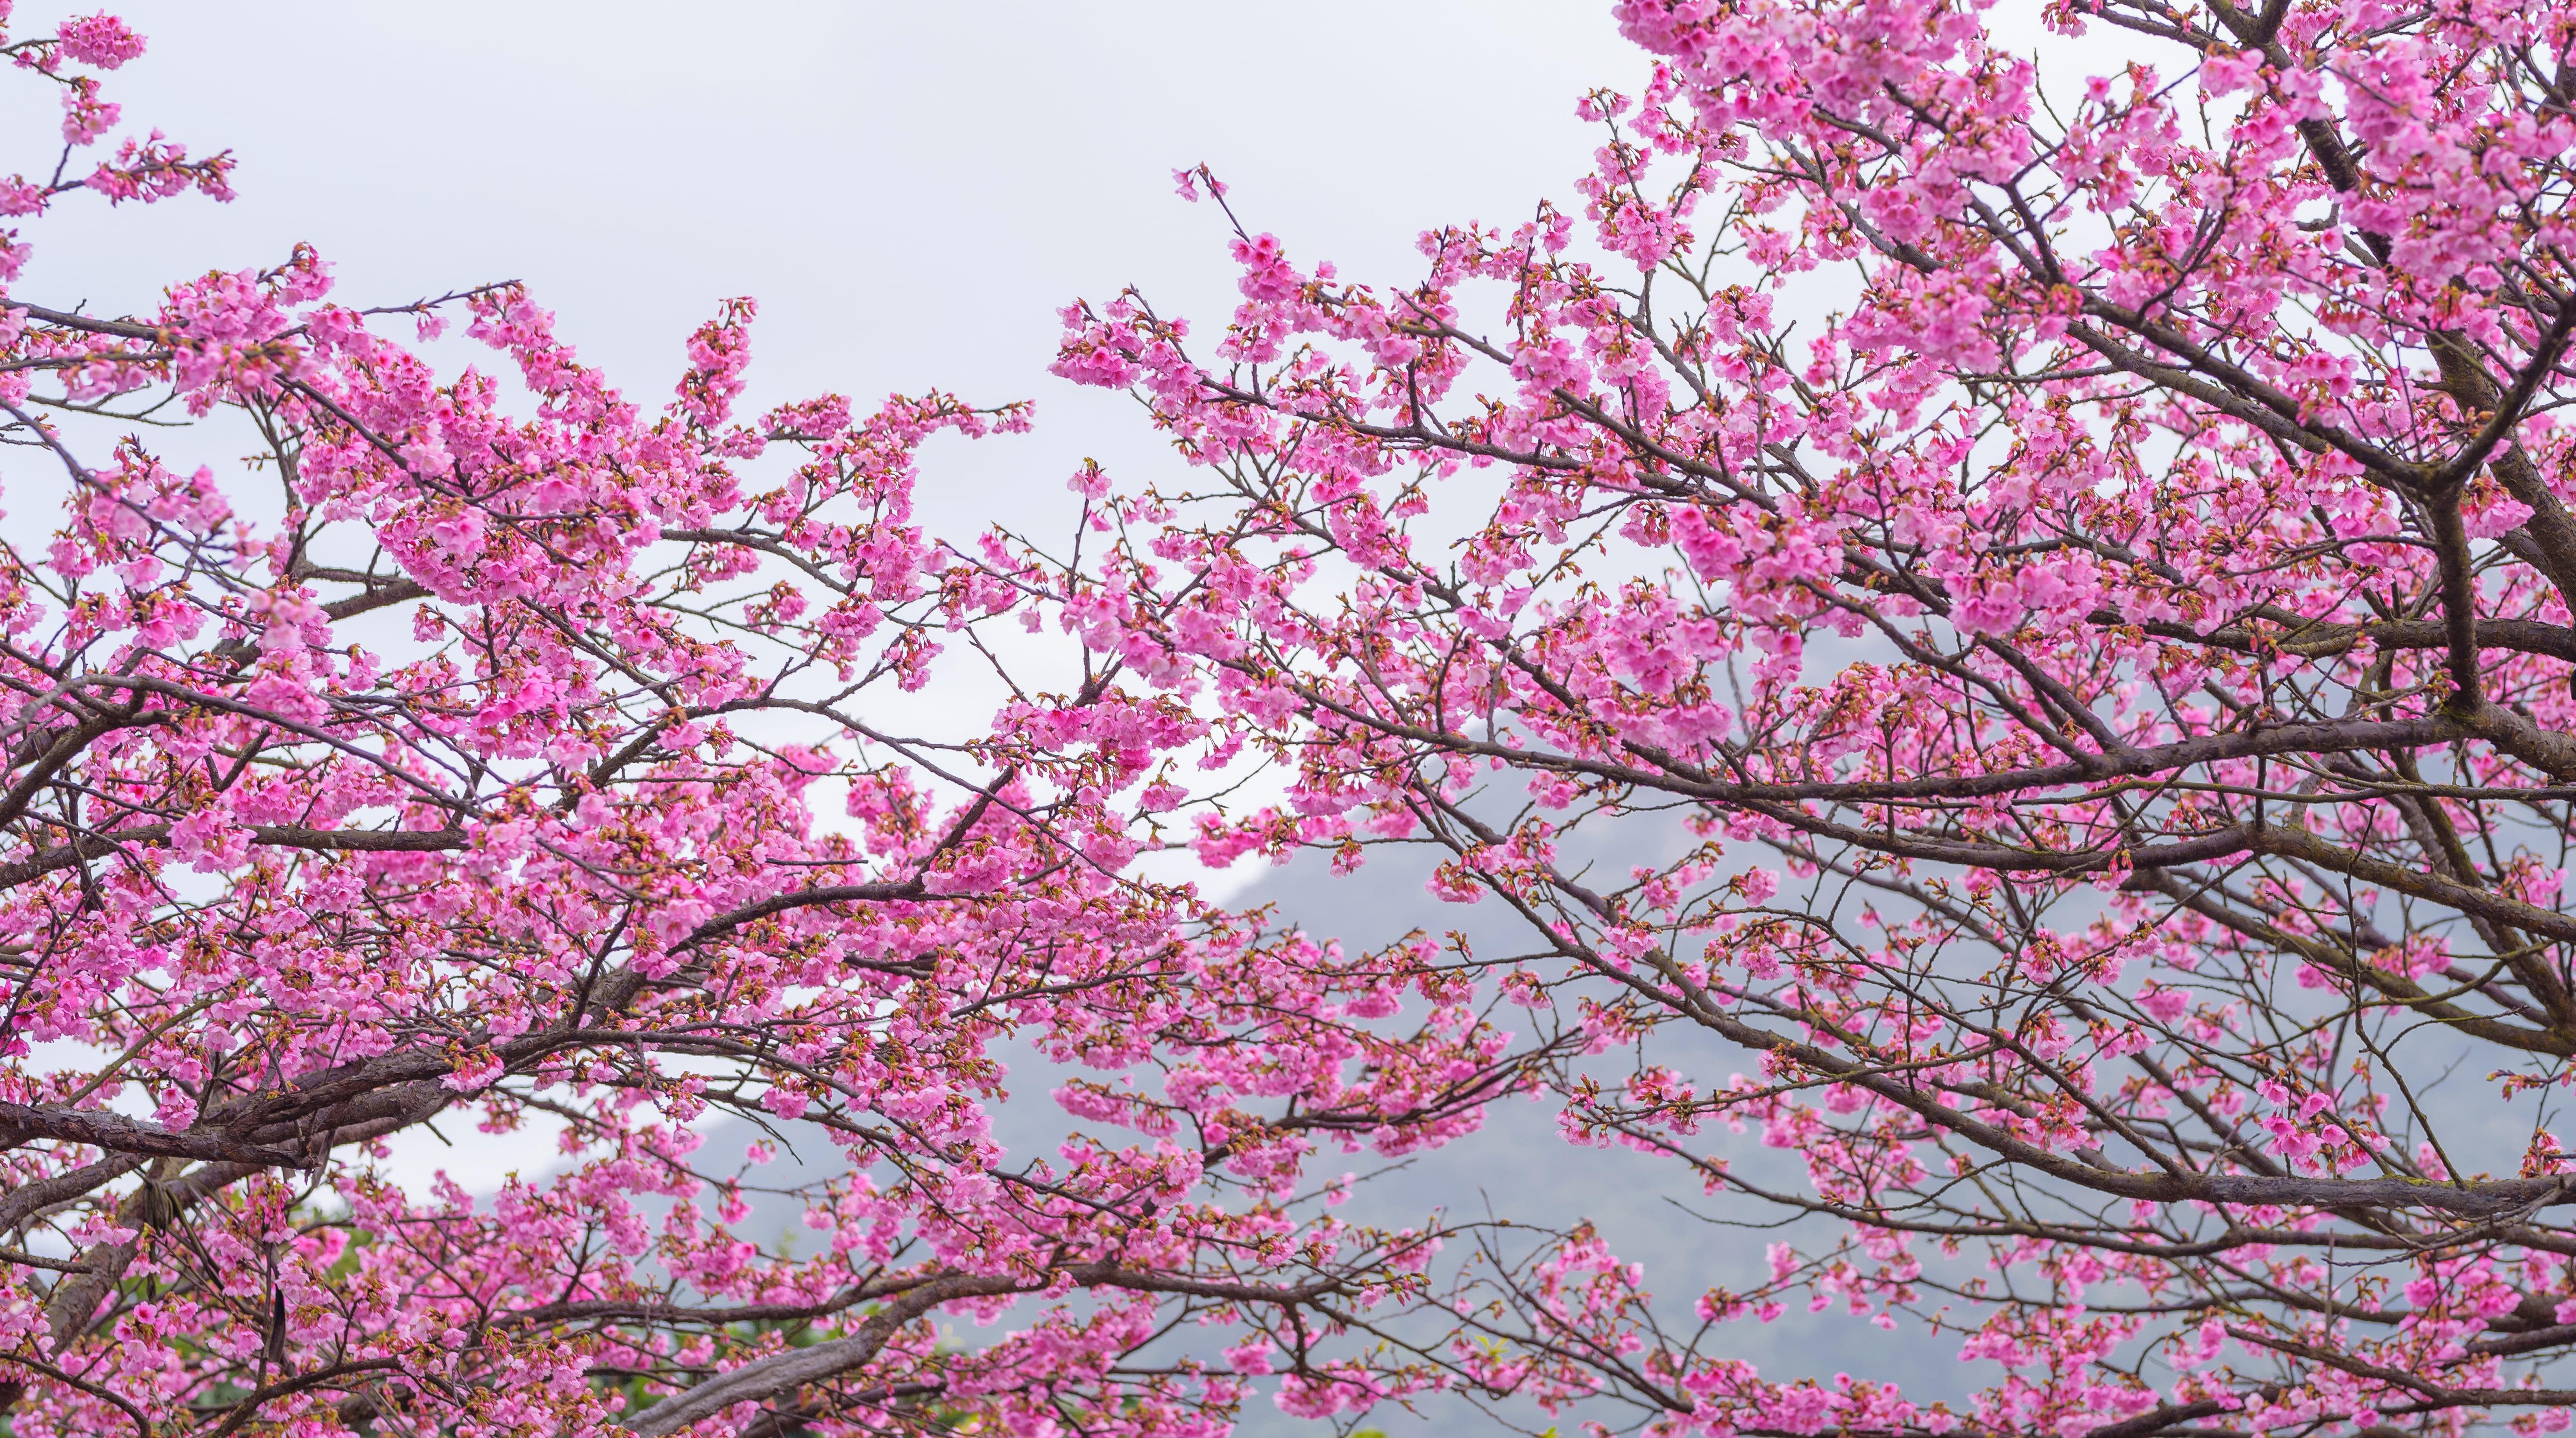 sakura-in-bloom-4